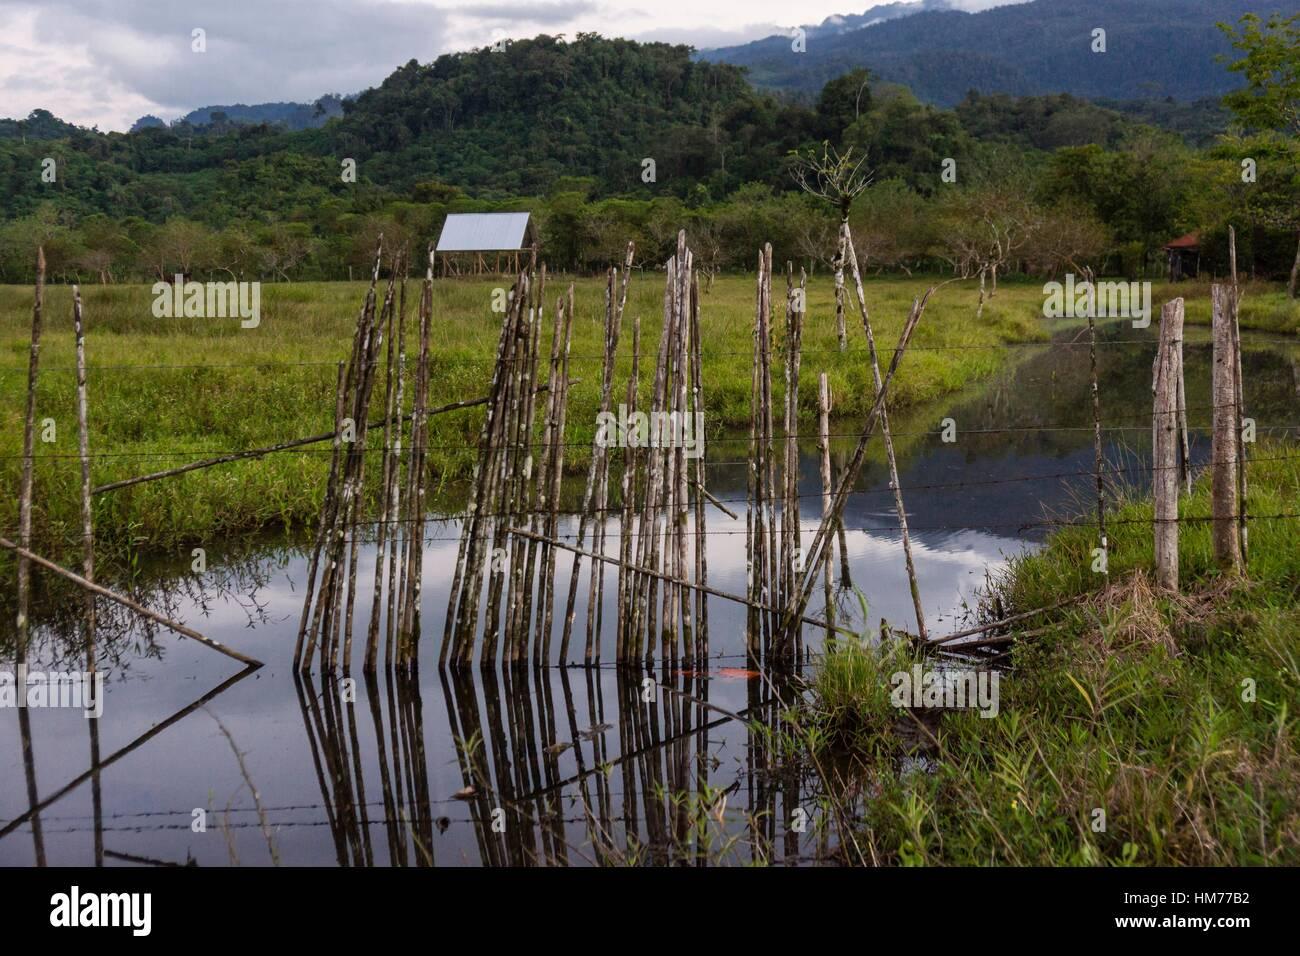 paisaje rural, Lancetillo, La Parroquia, zona Reyna, Quiche, Guatemala, Central America. - Stock Image